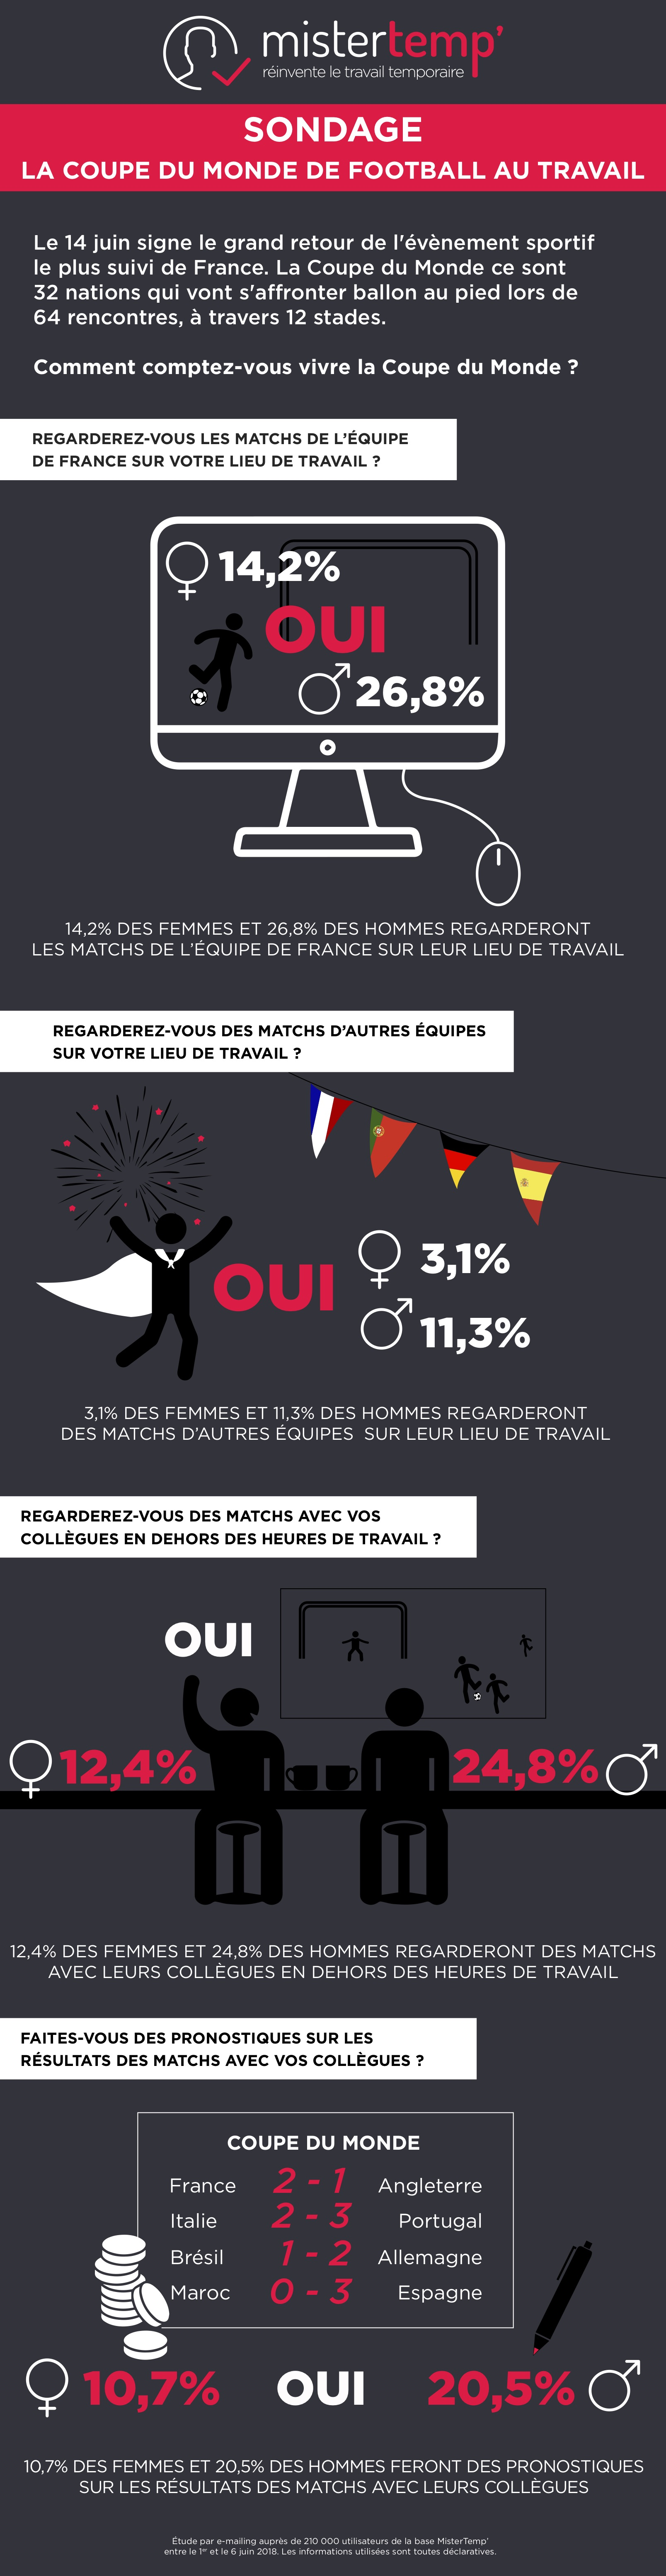 infographie-sondage-coupe-du-monde-football-au-travail